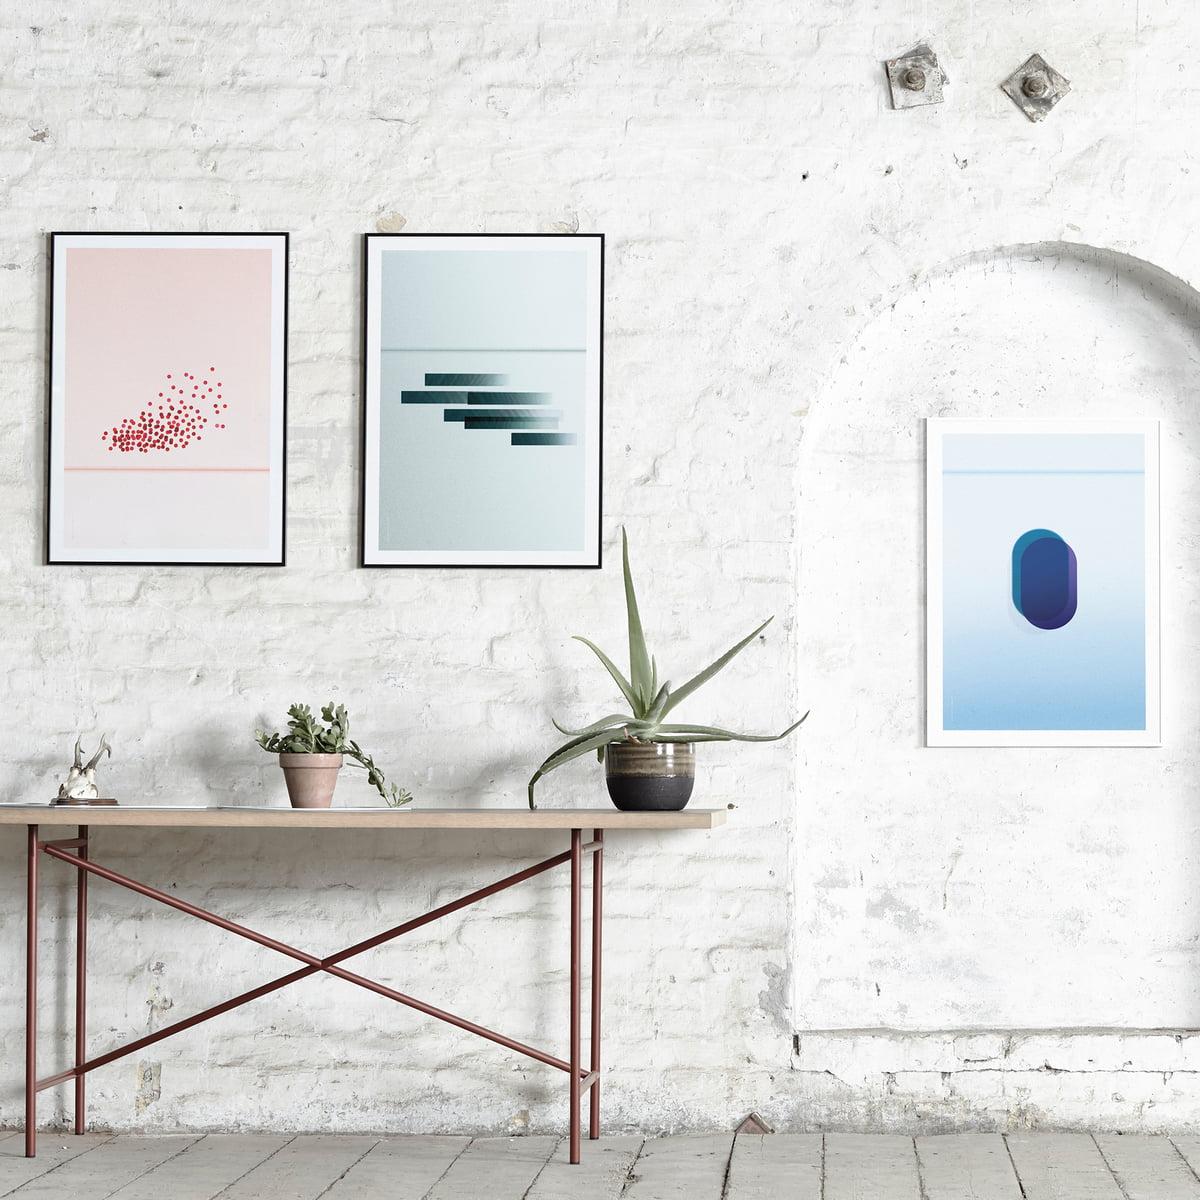 lampen in obstform italienisches design